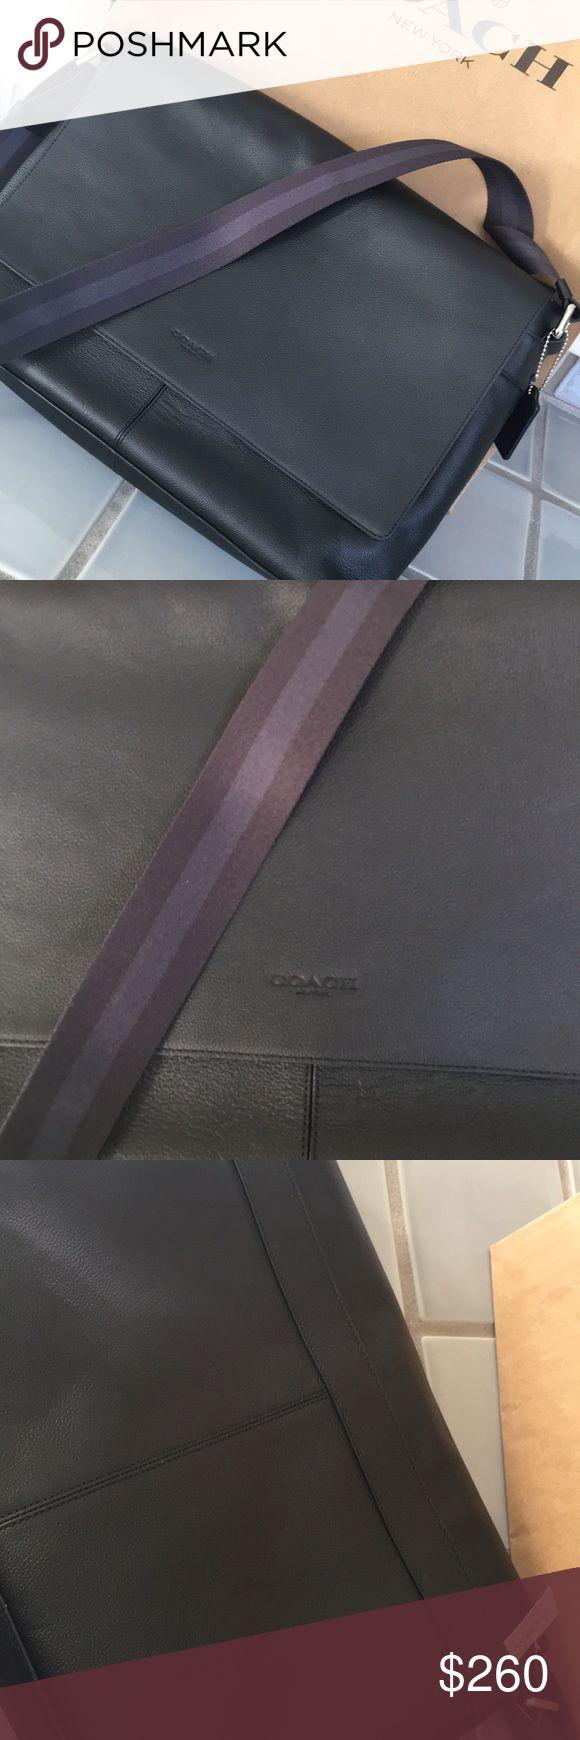 New coach laptop/ messenger bag New coach laptop/ messenger bag - NWT- Authentic Coach Bags Laptop Bags